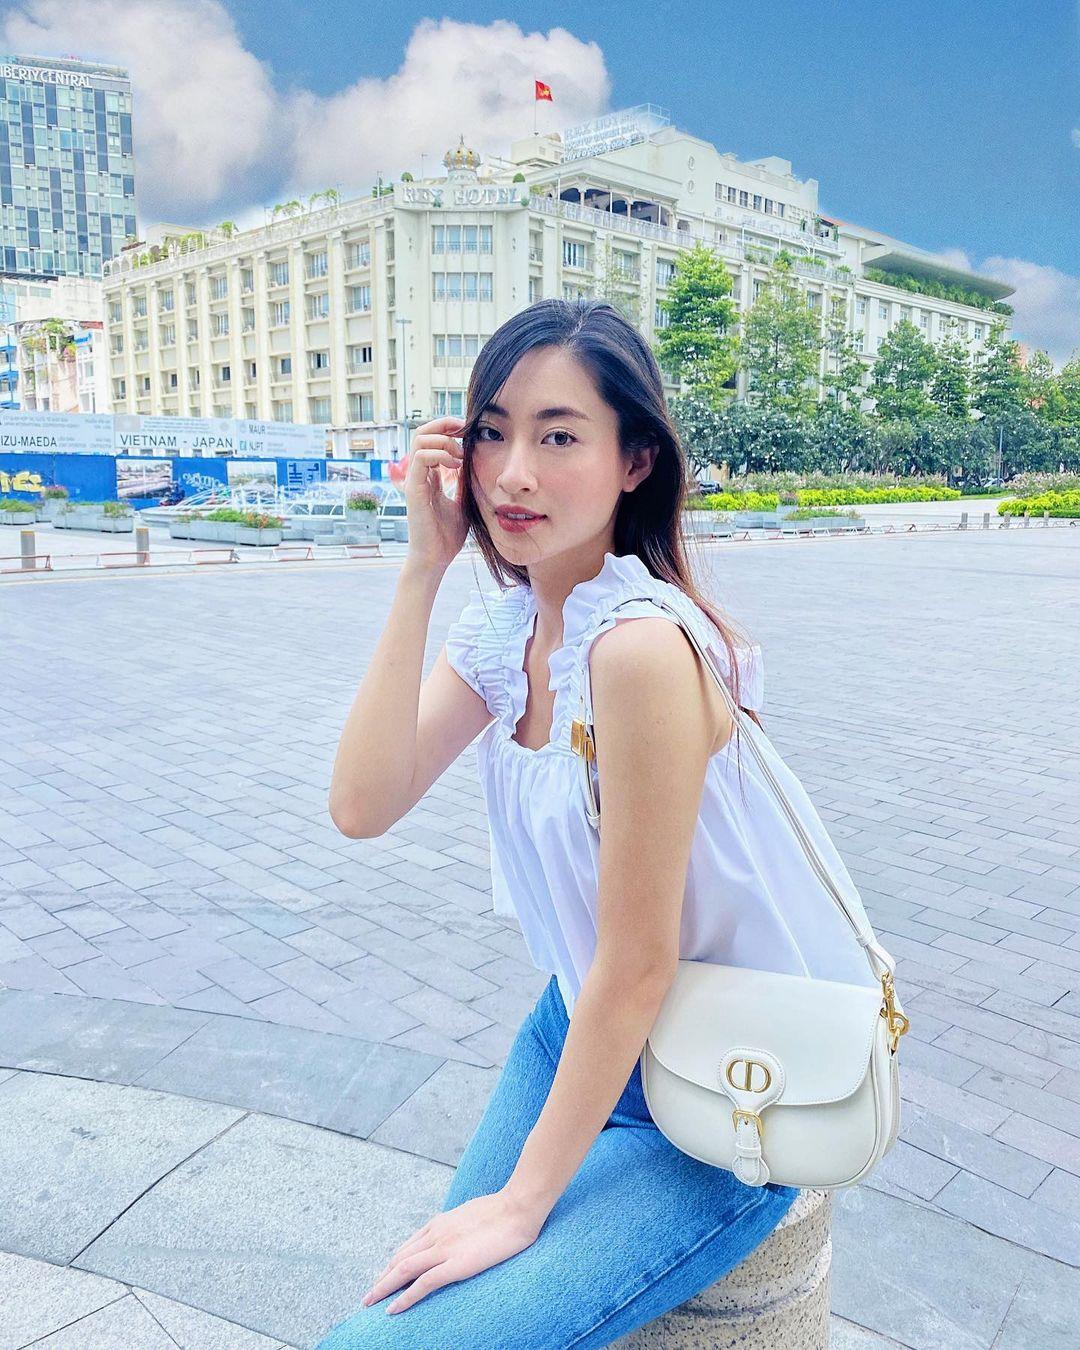 Sao Việt có loạt cách diện áo hai dây đẹp từ đi biển đến dạo phố mà trông chẳng phô phang - Ảnh 9